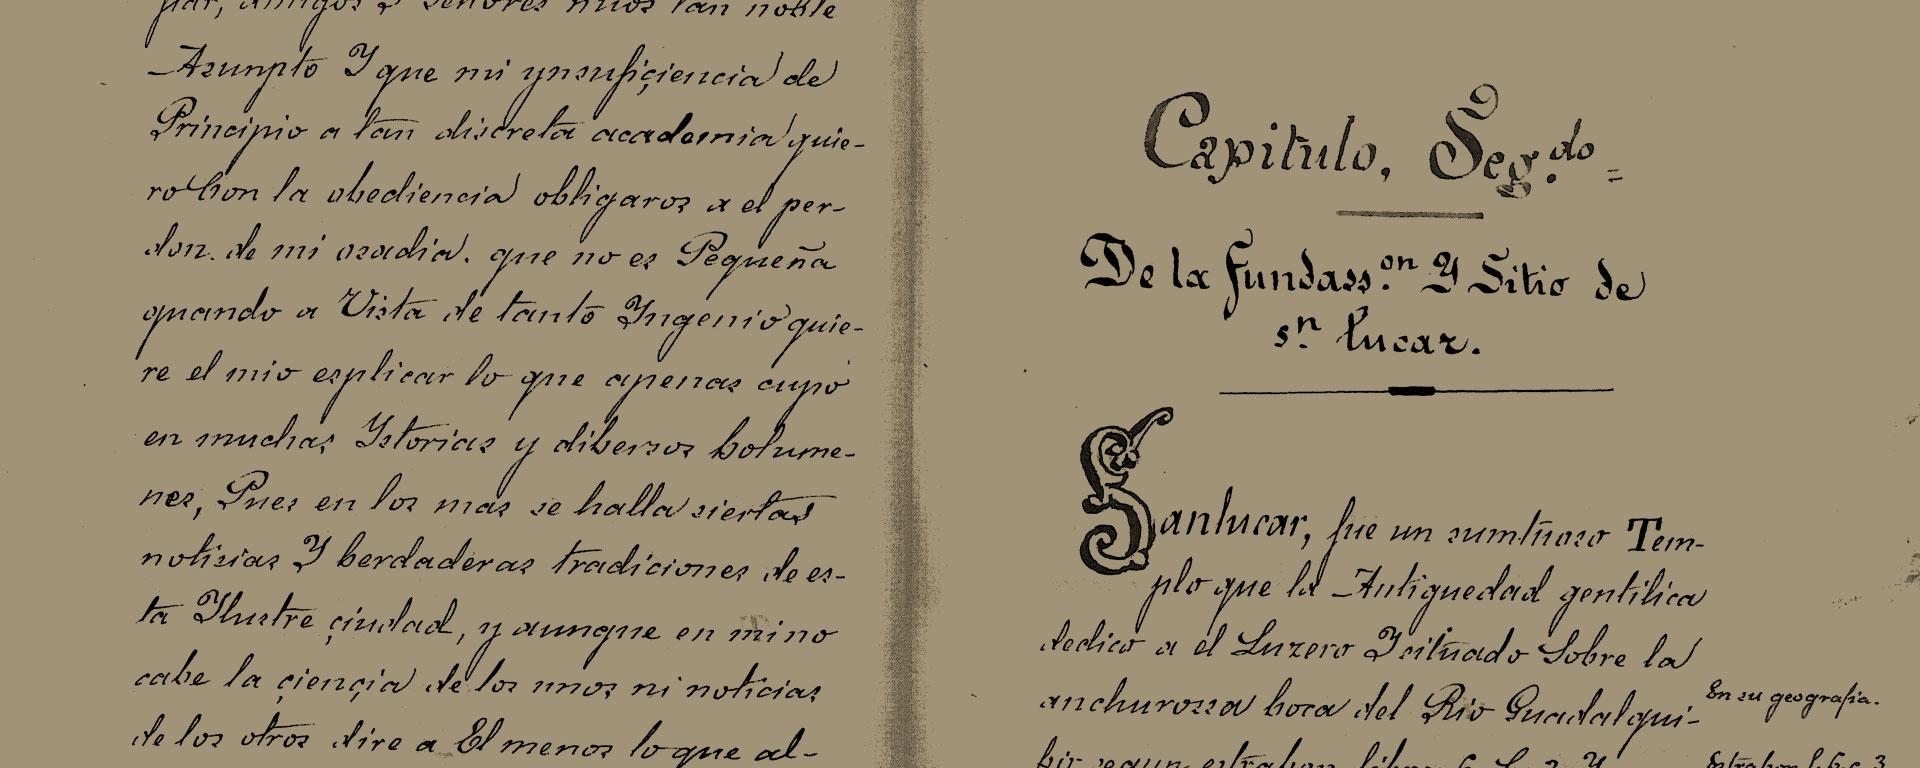 Manuscrito de Eraso y Arteaga.